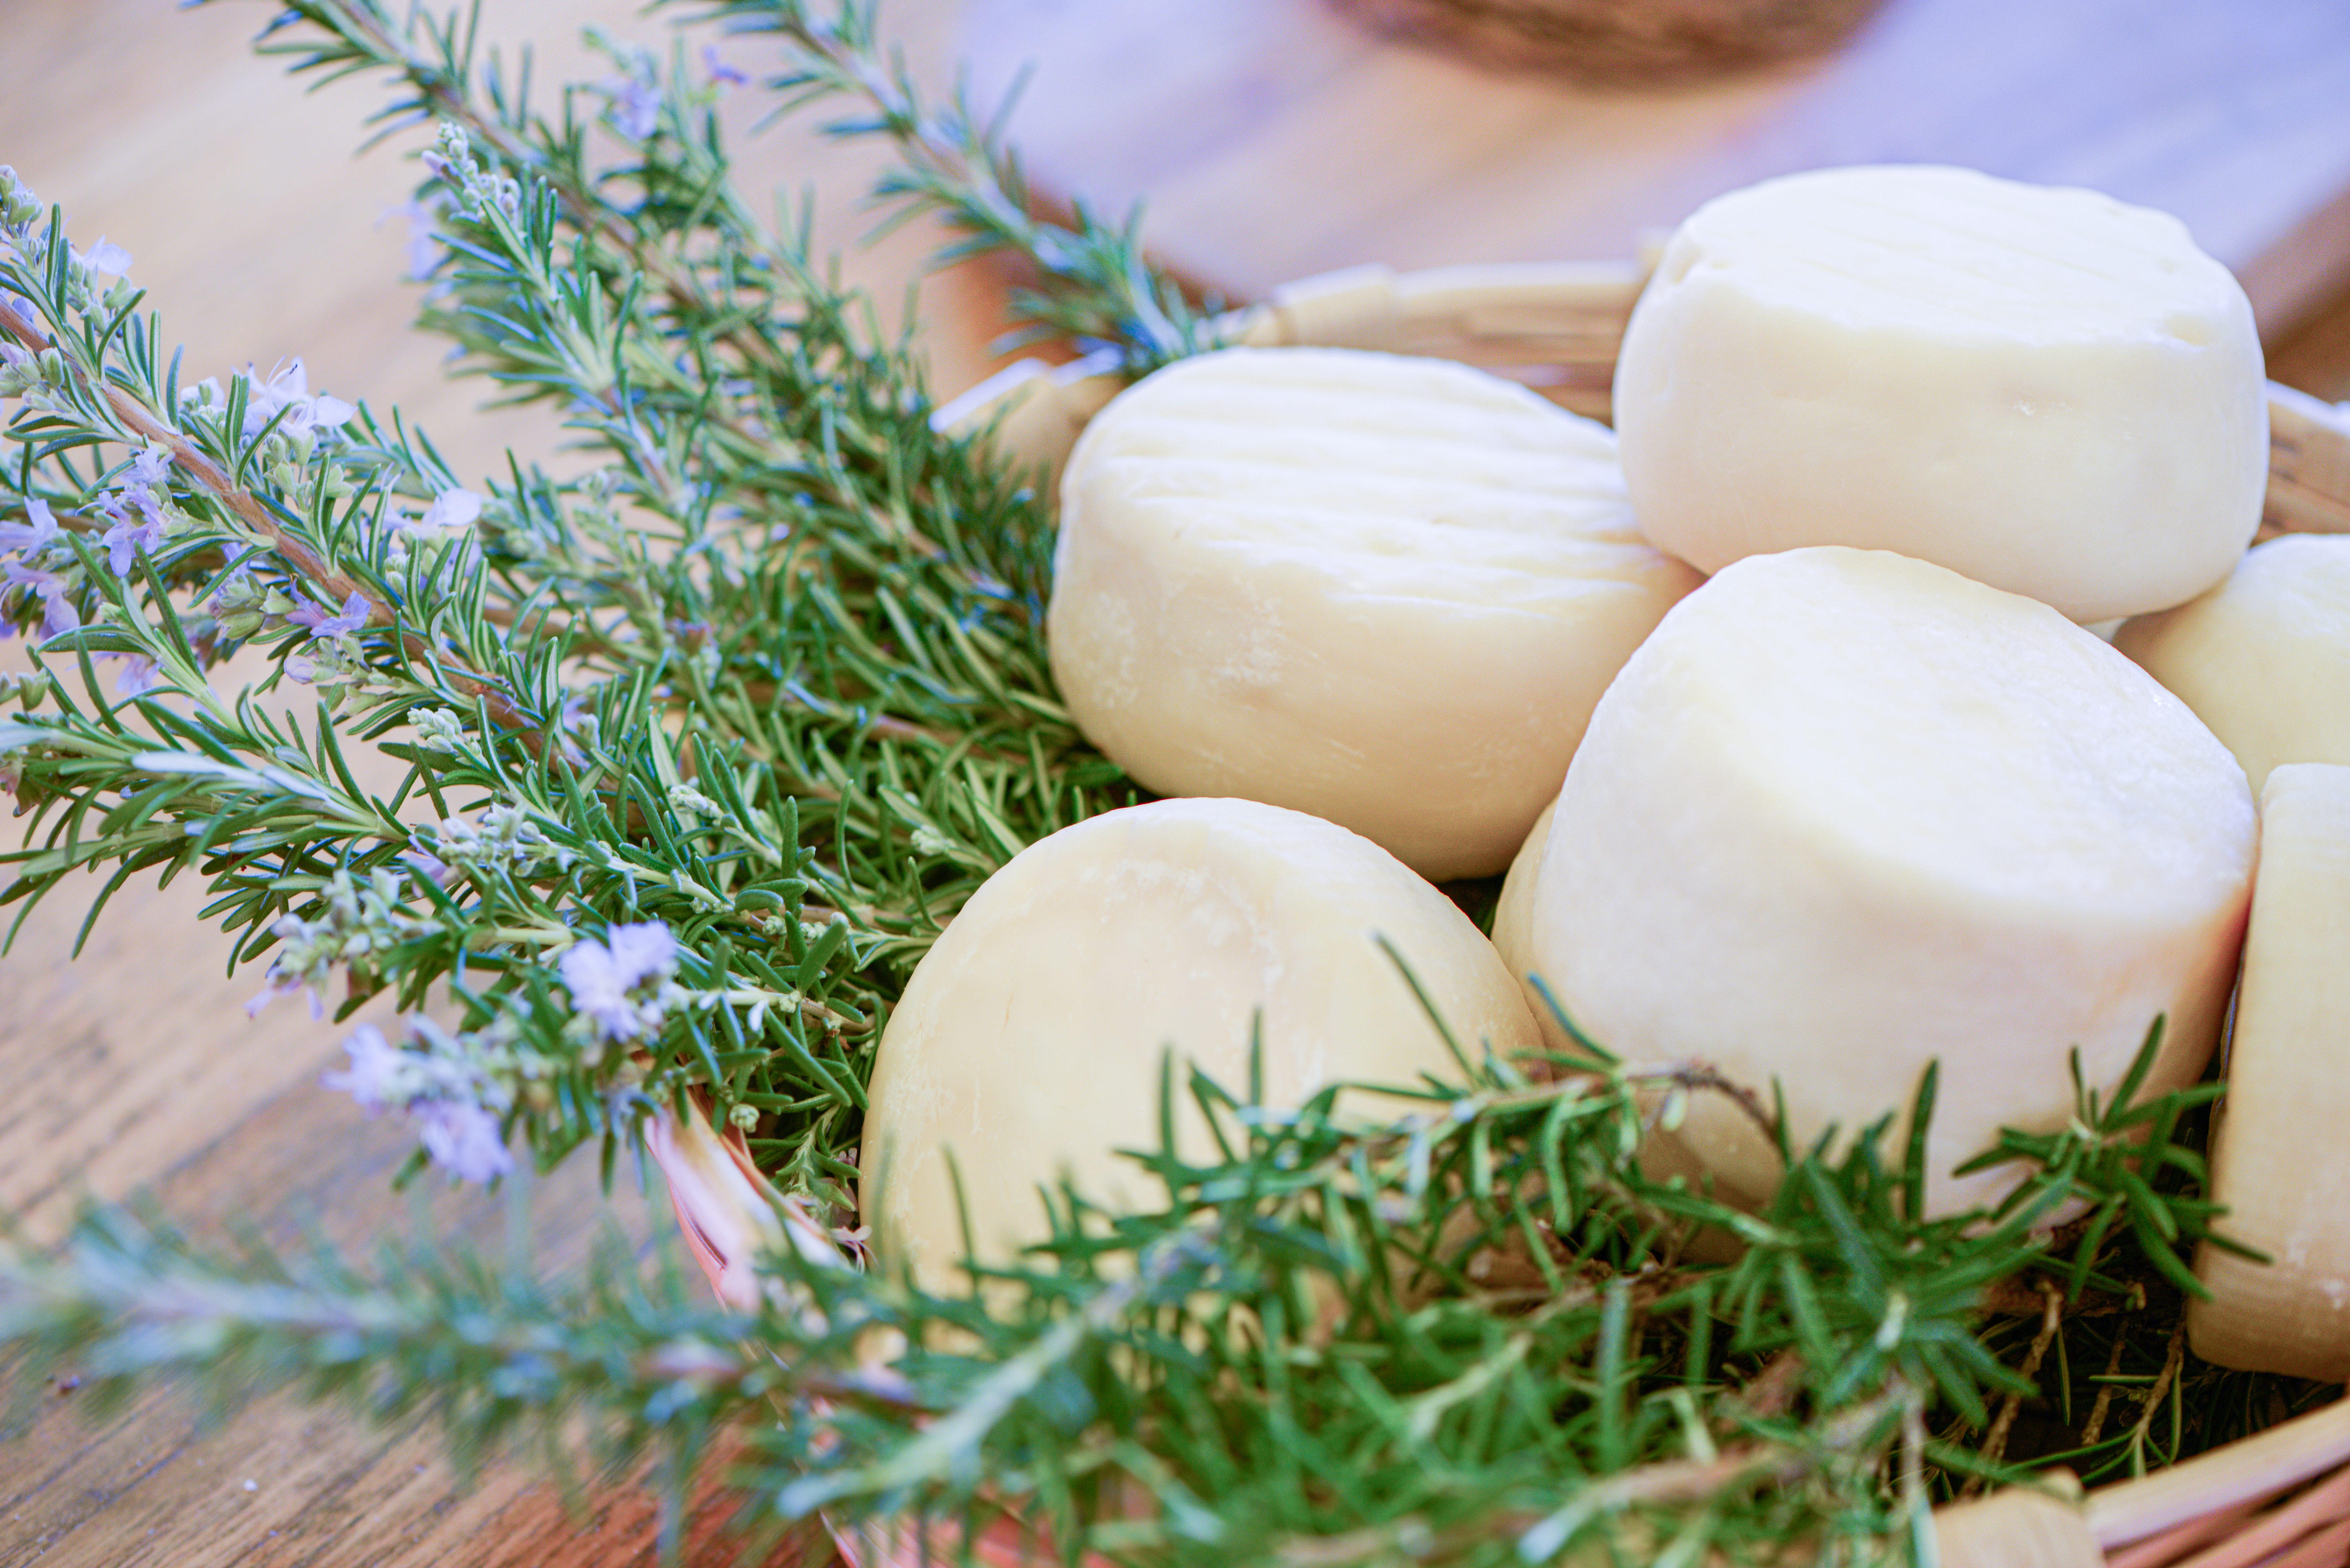 Cacioricotta di capra del Cilento, un formaggio raro e ricercato: come nasce e come usarlo